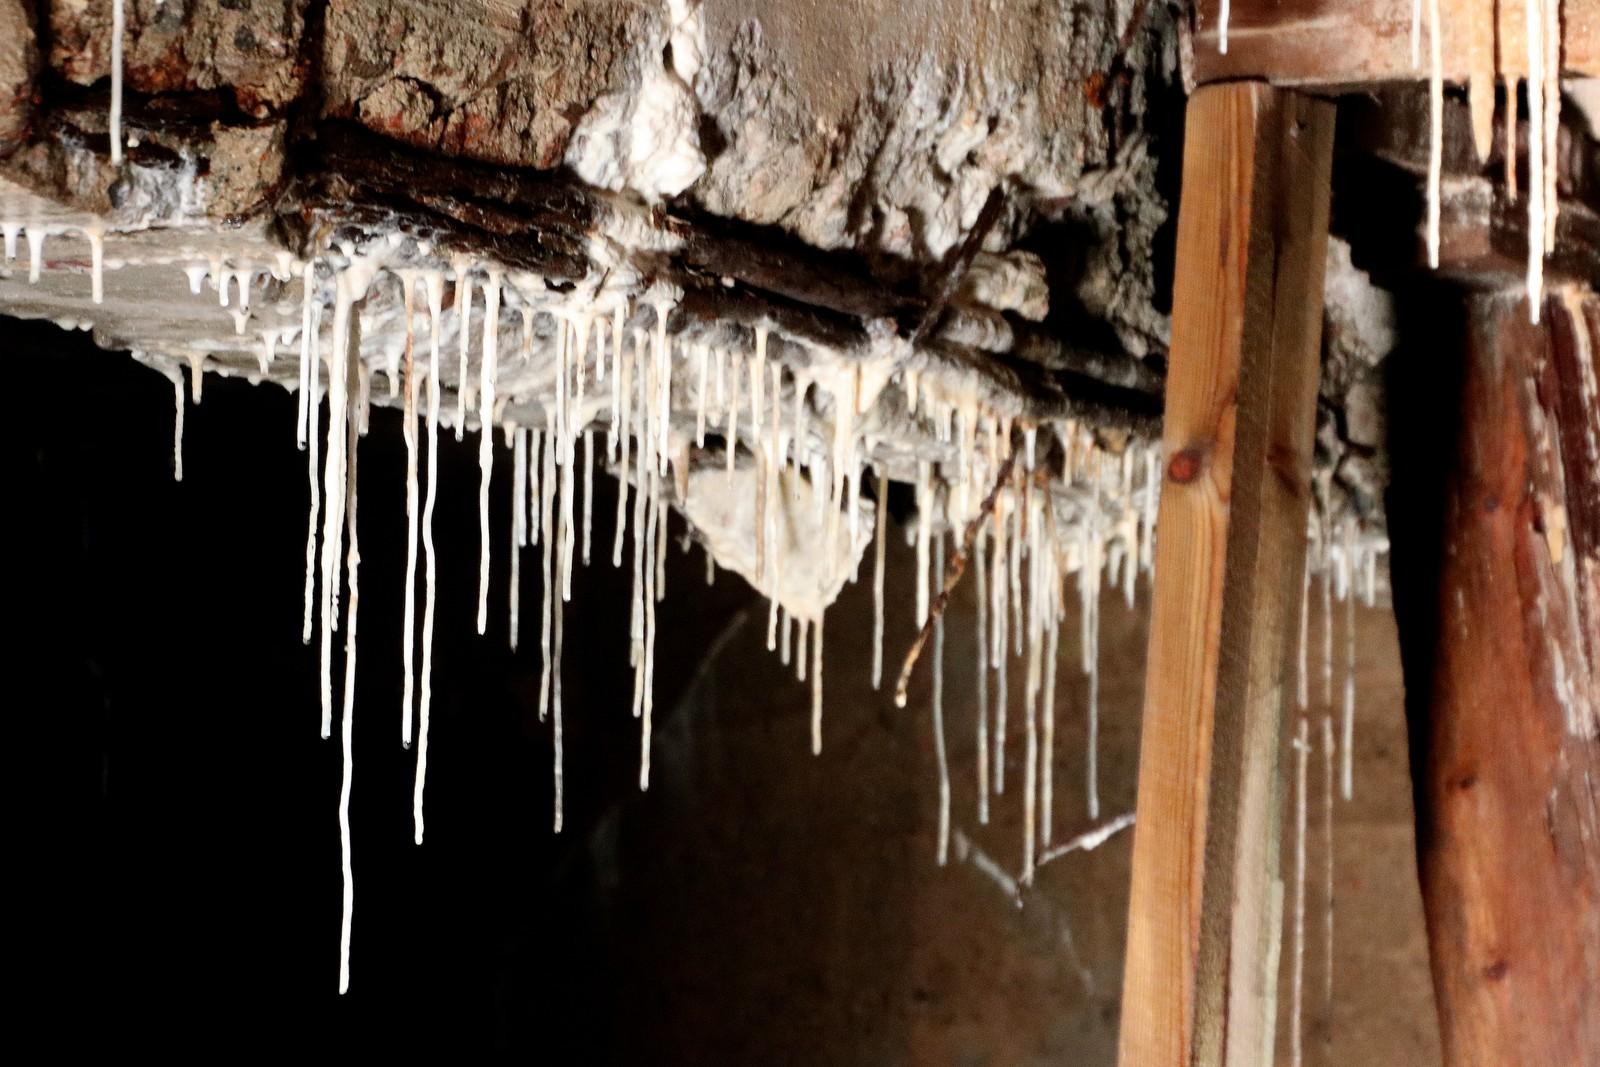 Lange størkna kalkstrimler fra ned fra taket.